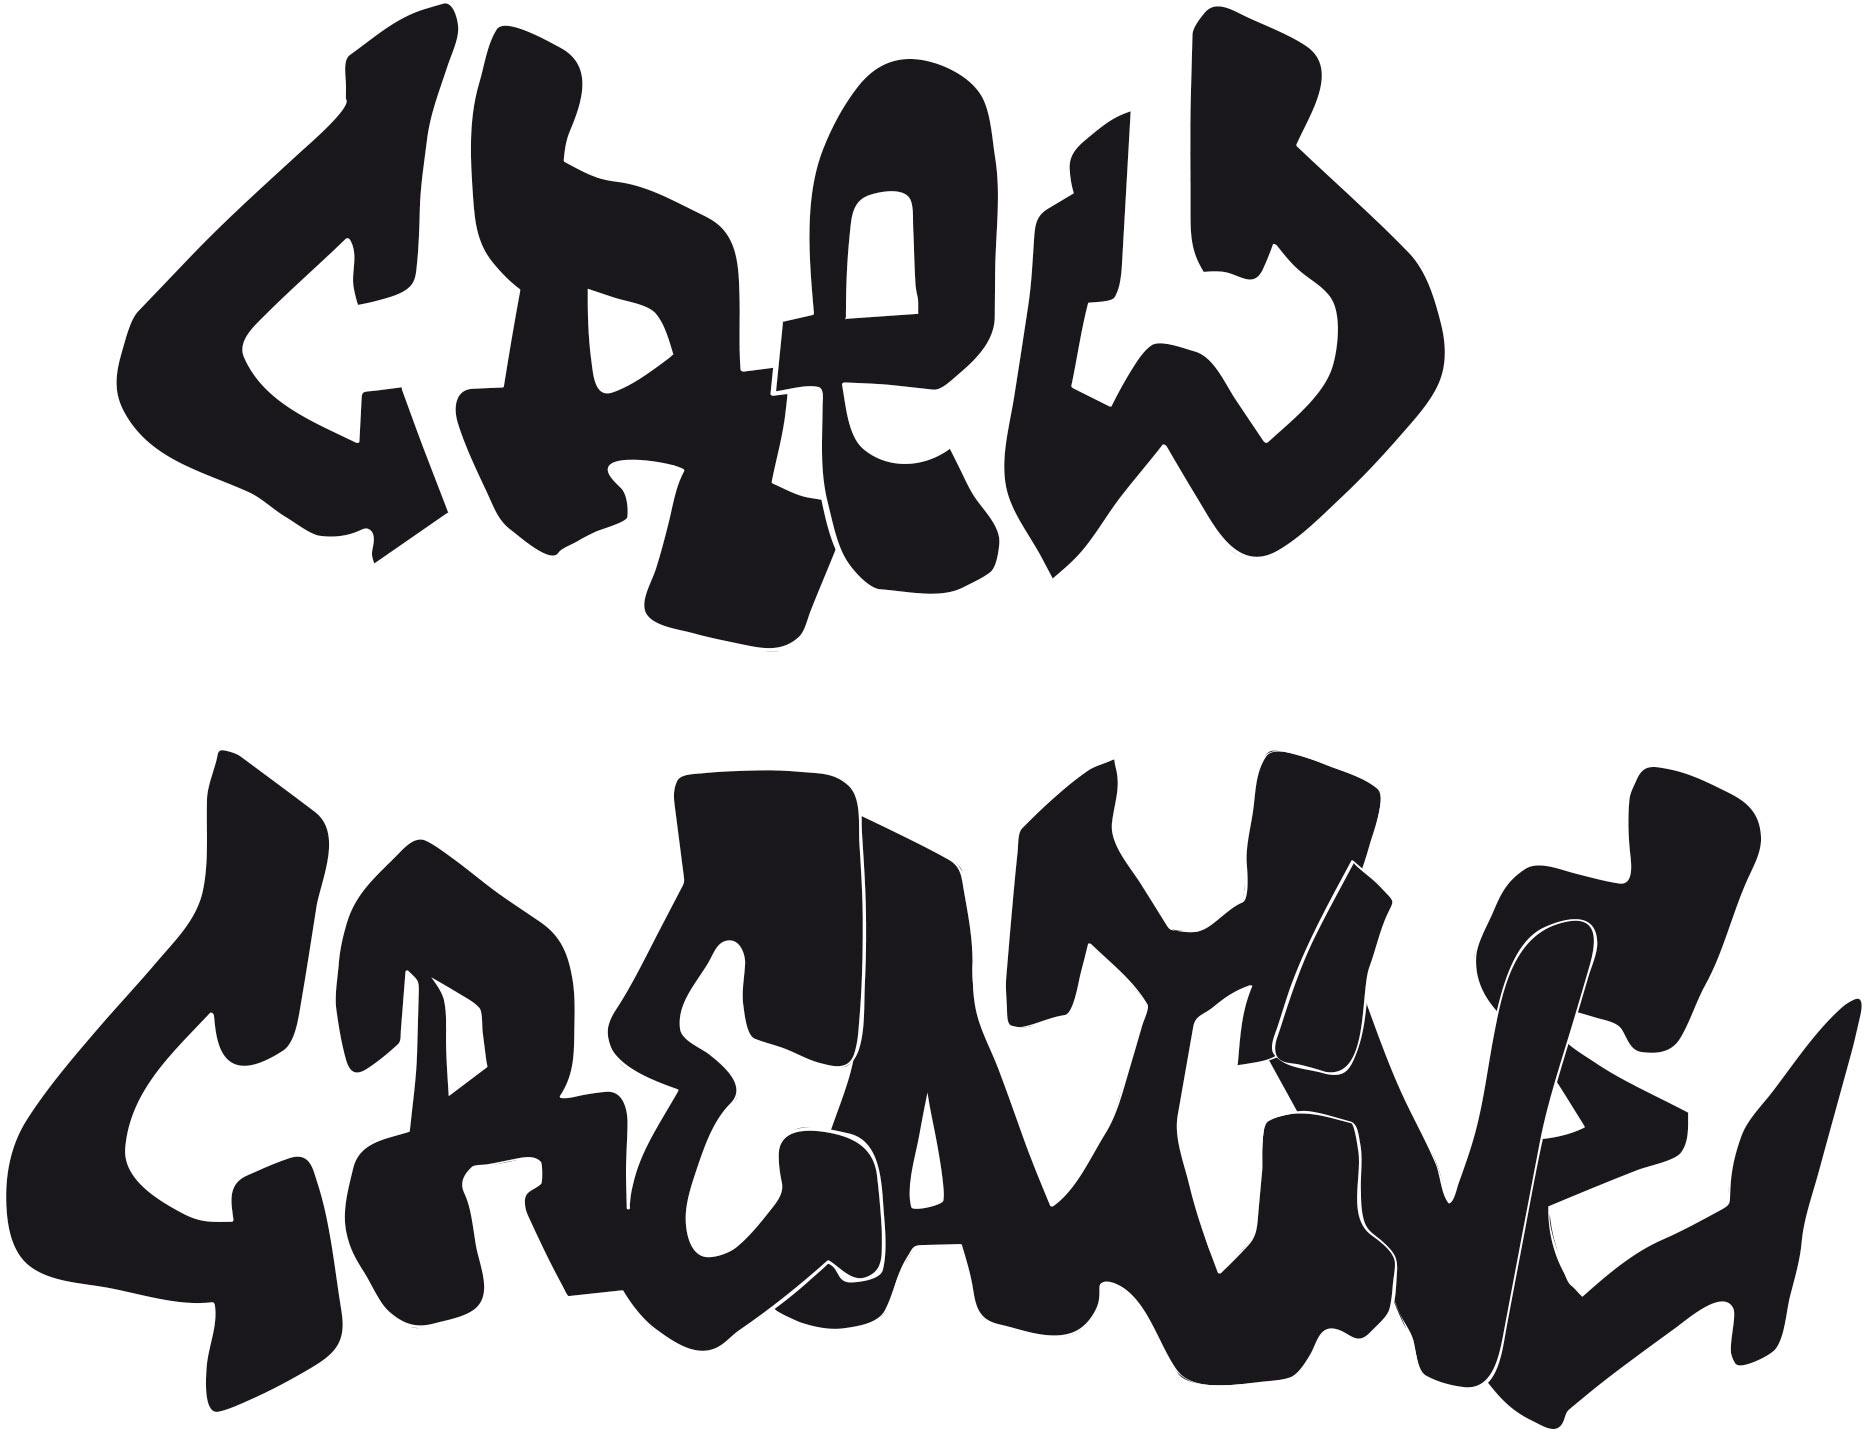 Crew Creative